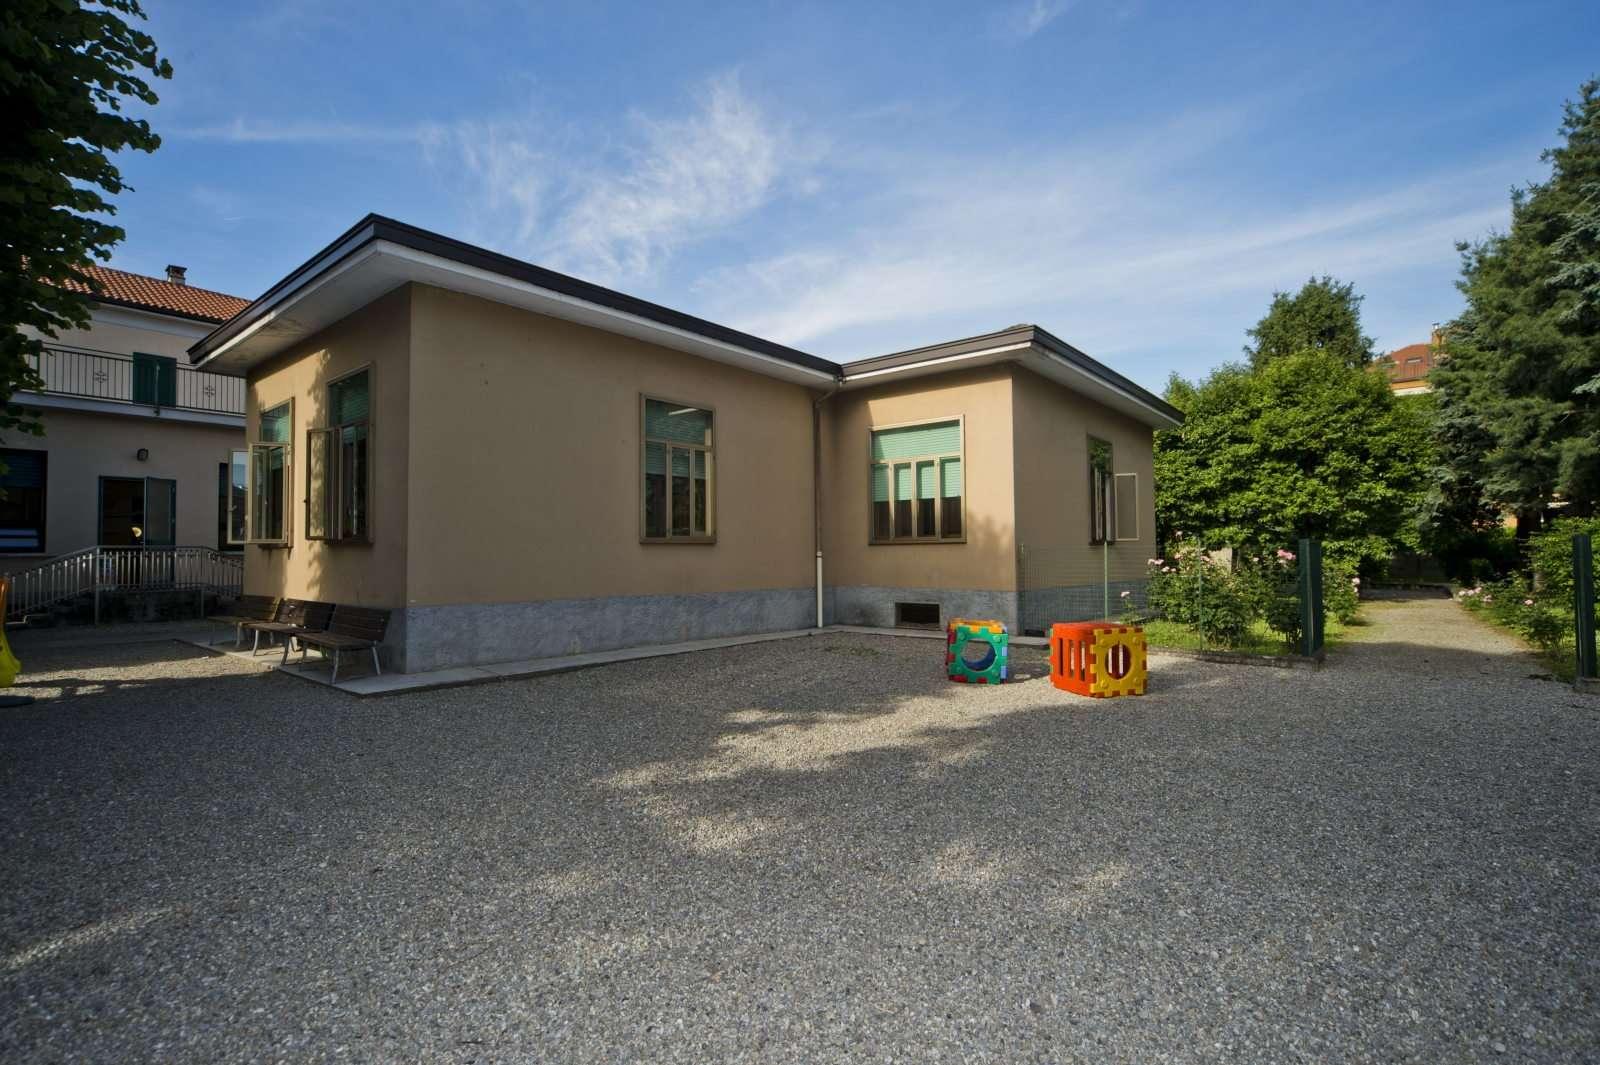 023 D4C 5573 Ridotte - Scuola Materna Peschiera Borromeo